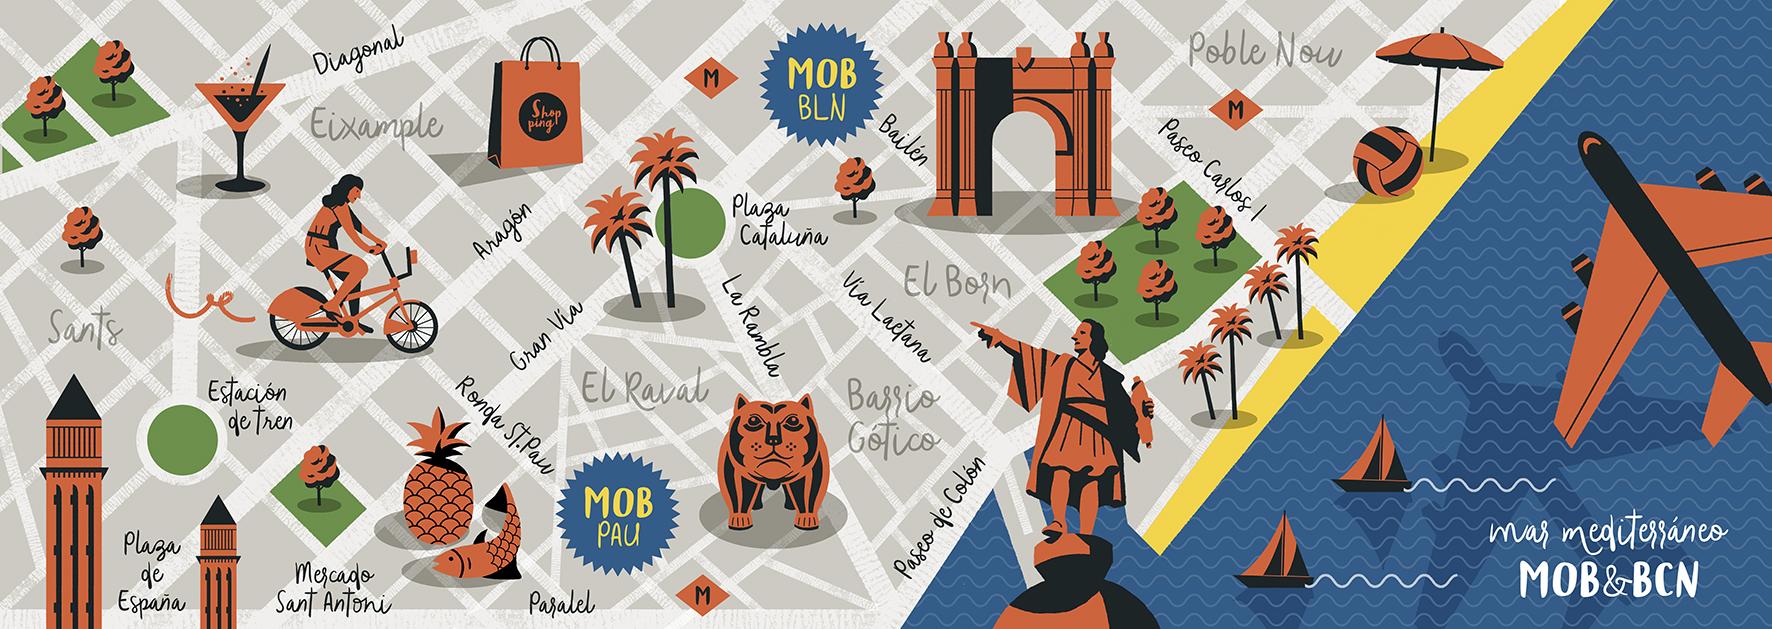 Daniel Diosdado: MOB Barcelona